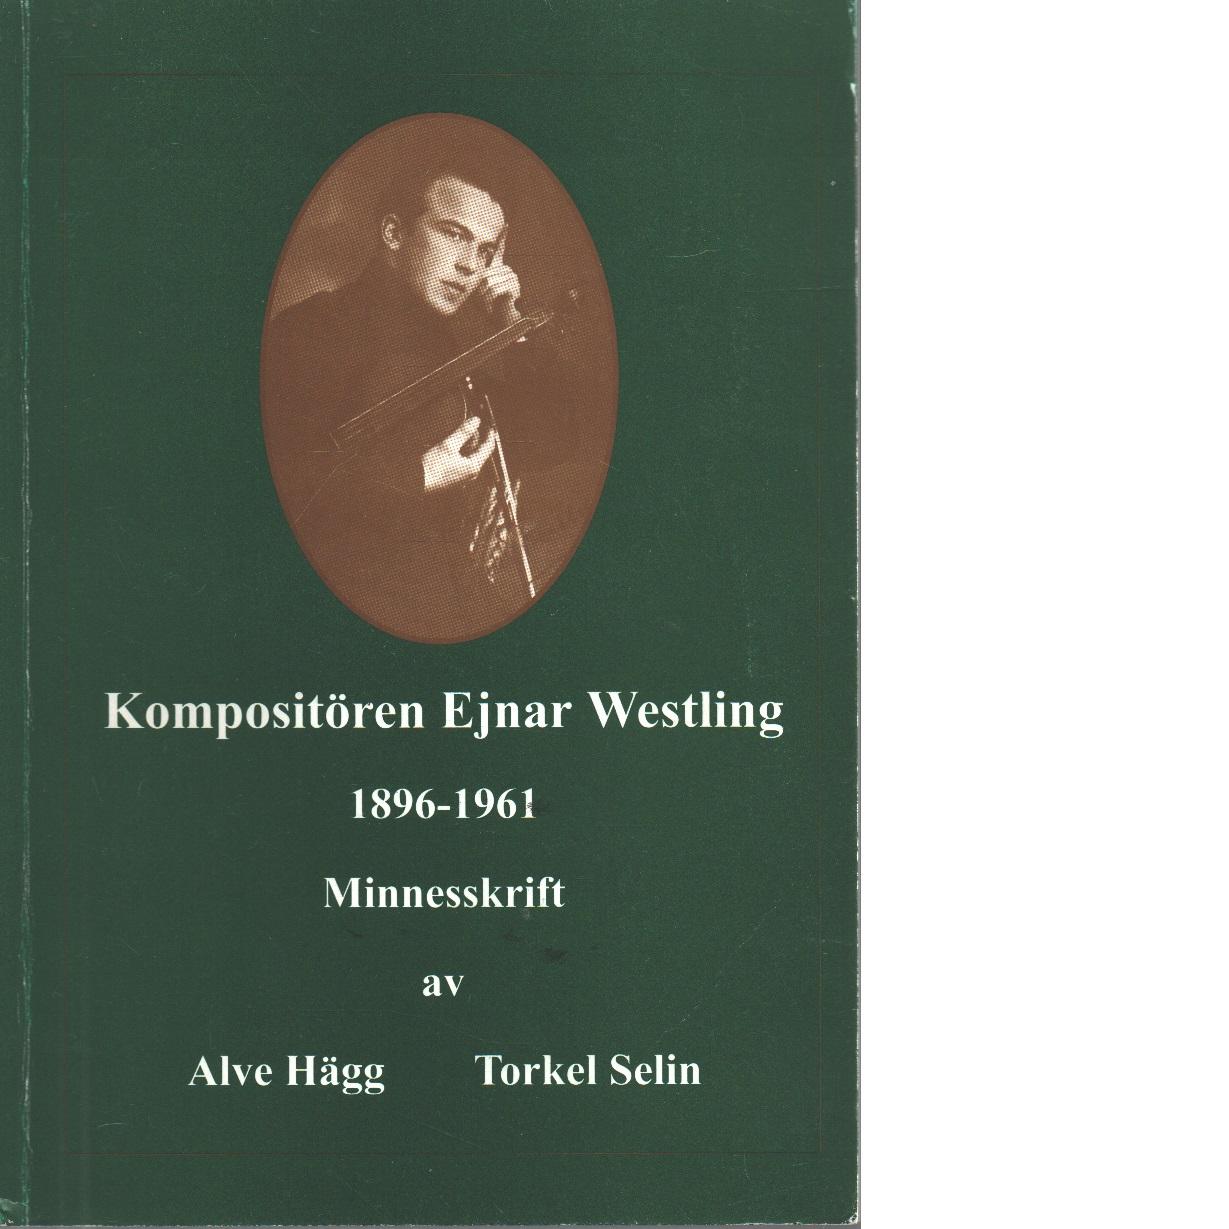 Kompositören Ejnar Westling : 1896-1961 : minnesskrift - Hägg, Alve Och Selin, Torkel